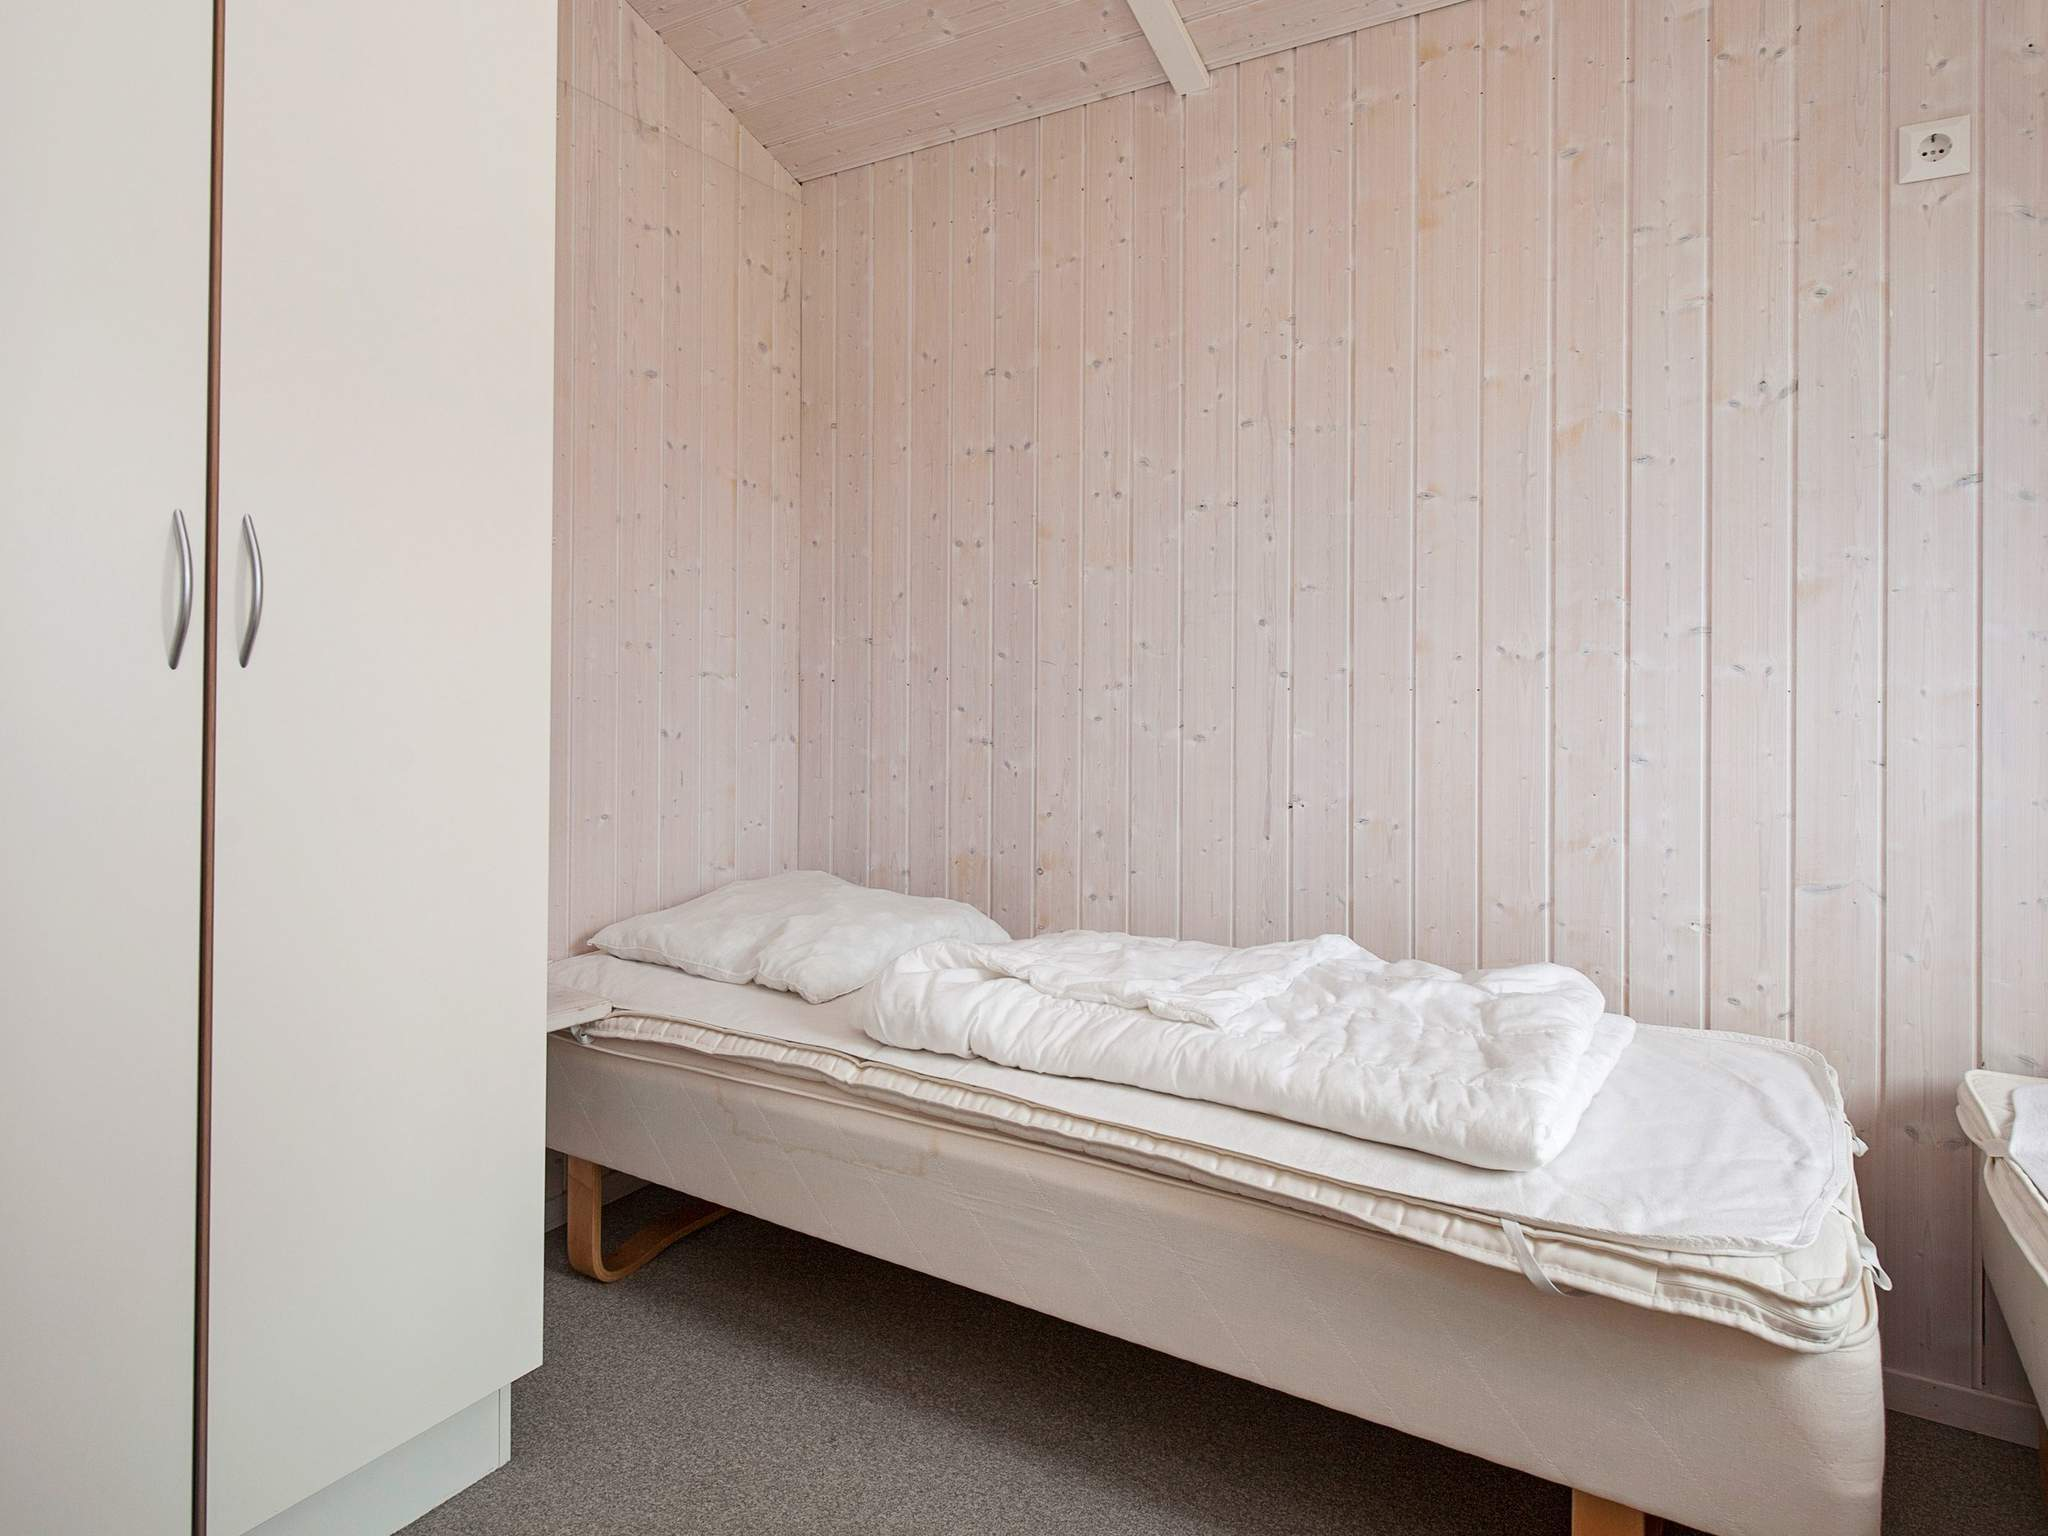 Maison de vacances Grömitz (359058), Grömitz, Baie de Lübeck, Schleswig-Holstein, Allemagne, image 14